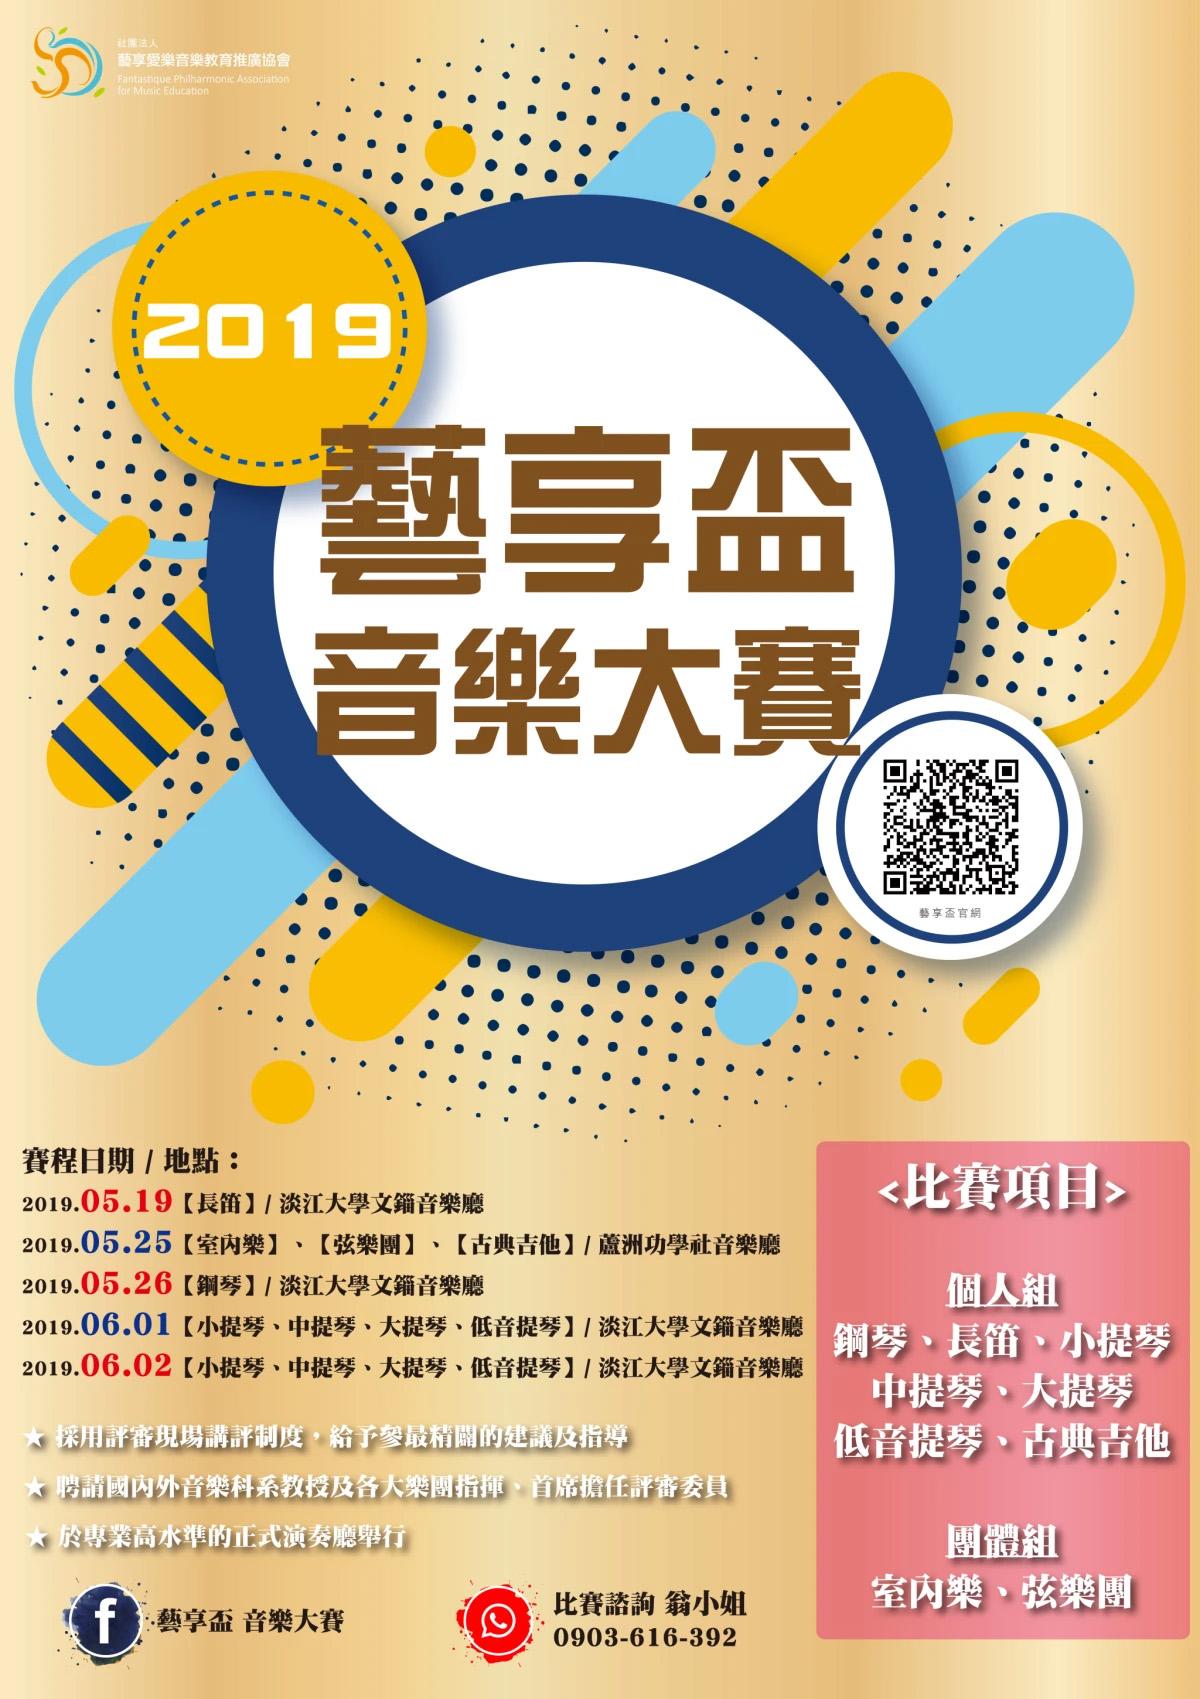 2019「藝享盃」音樂大賽-海報